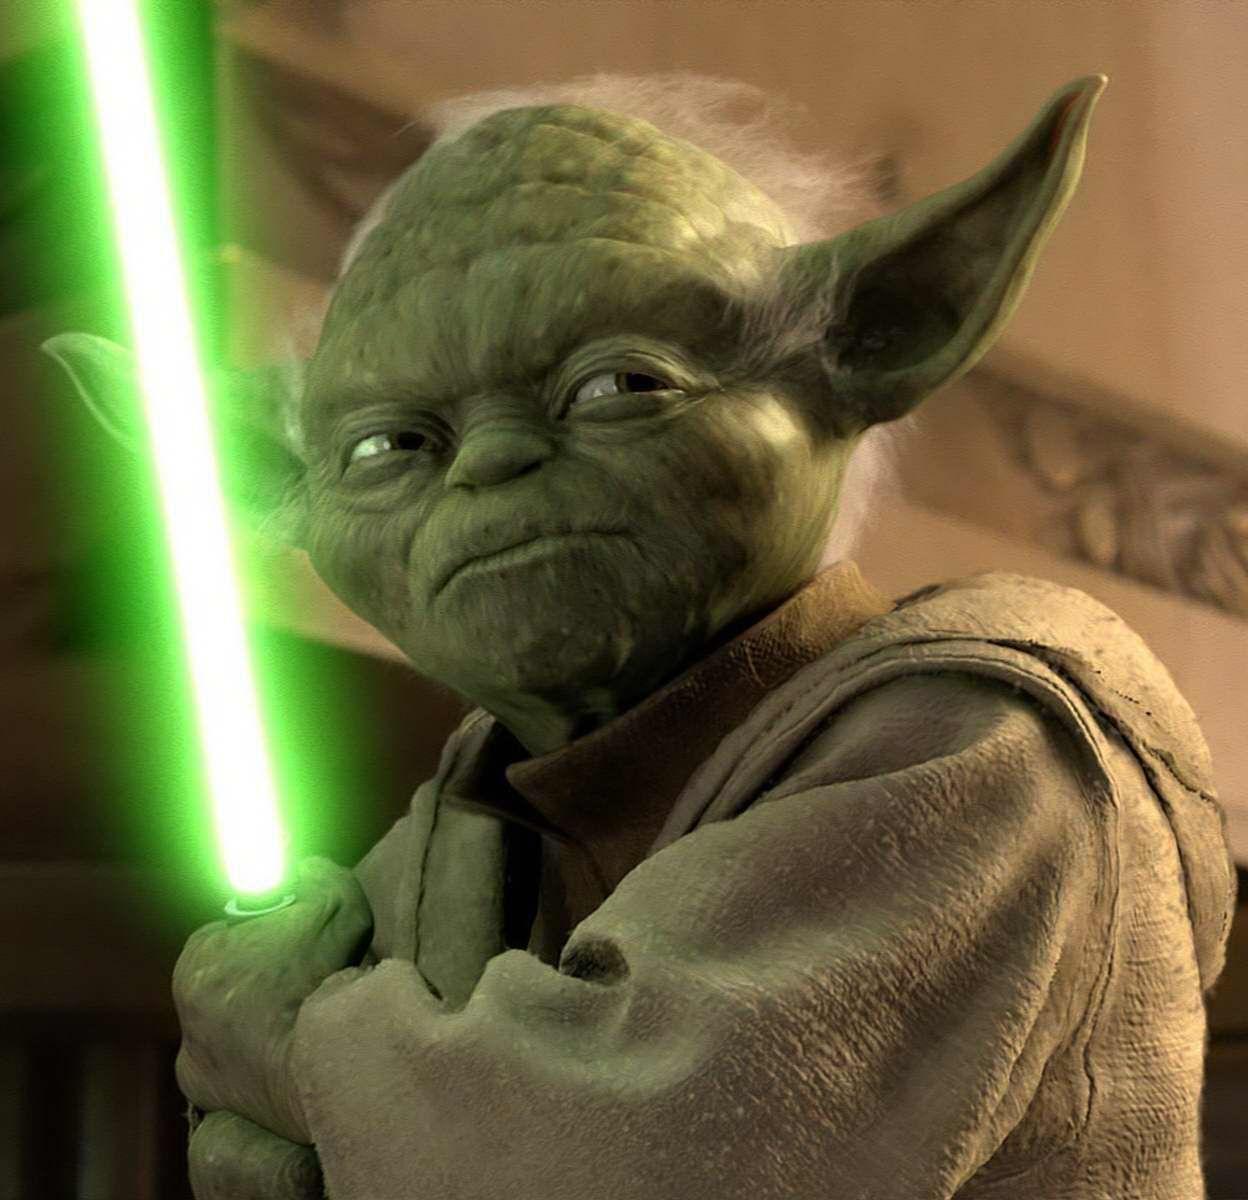 ¿De qué especie era Yoda?